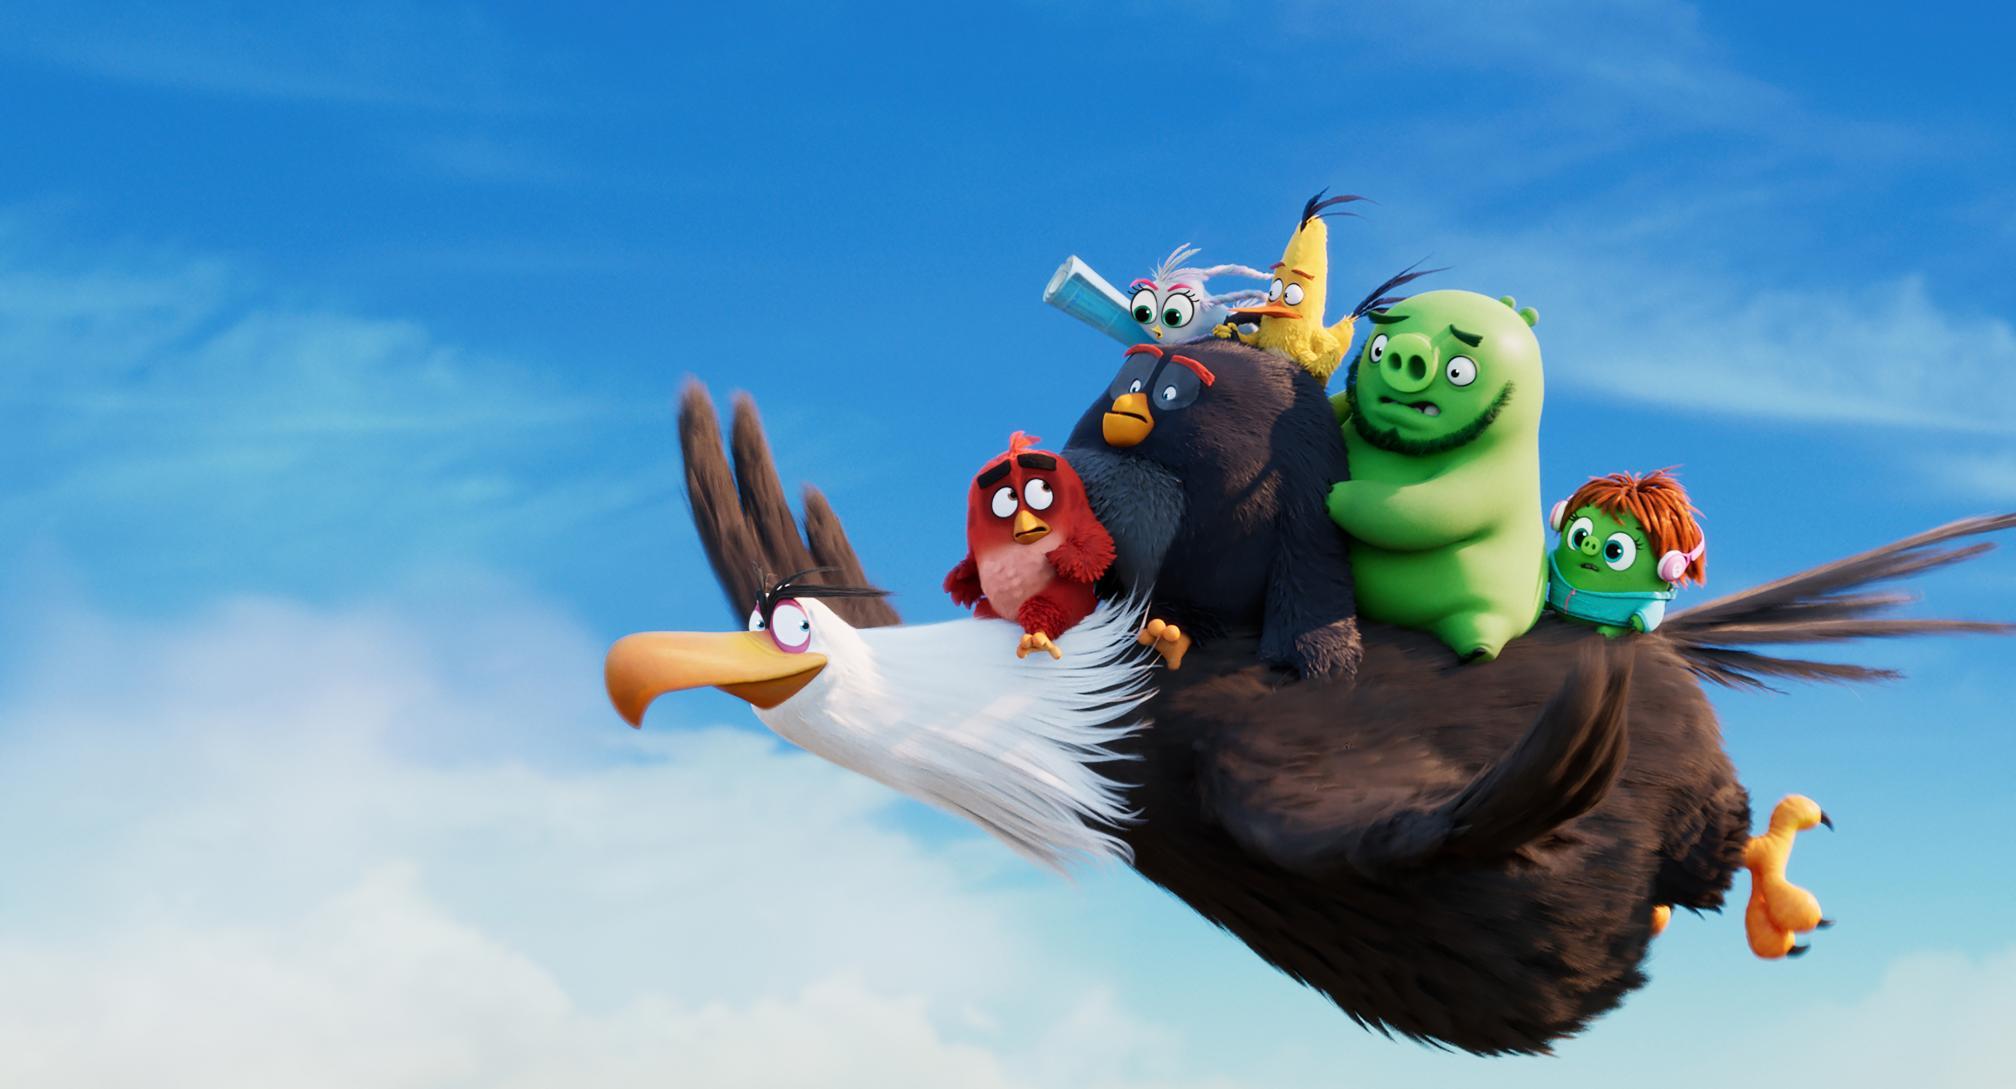 憤怒鳥玩電影2:冰的啦預告片 01